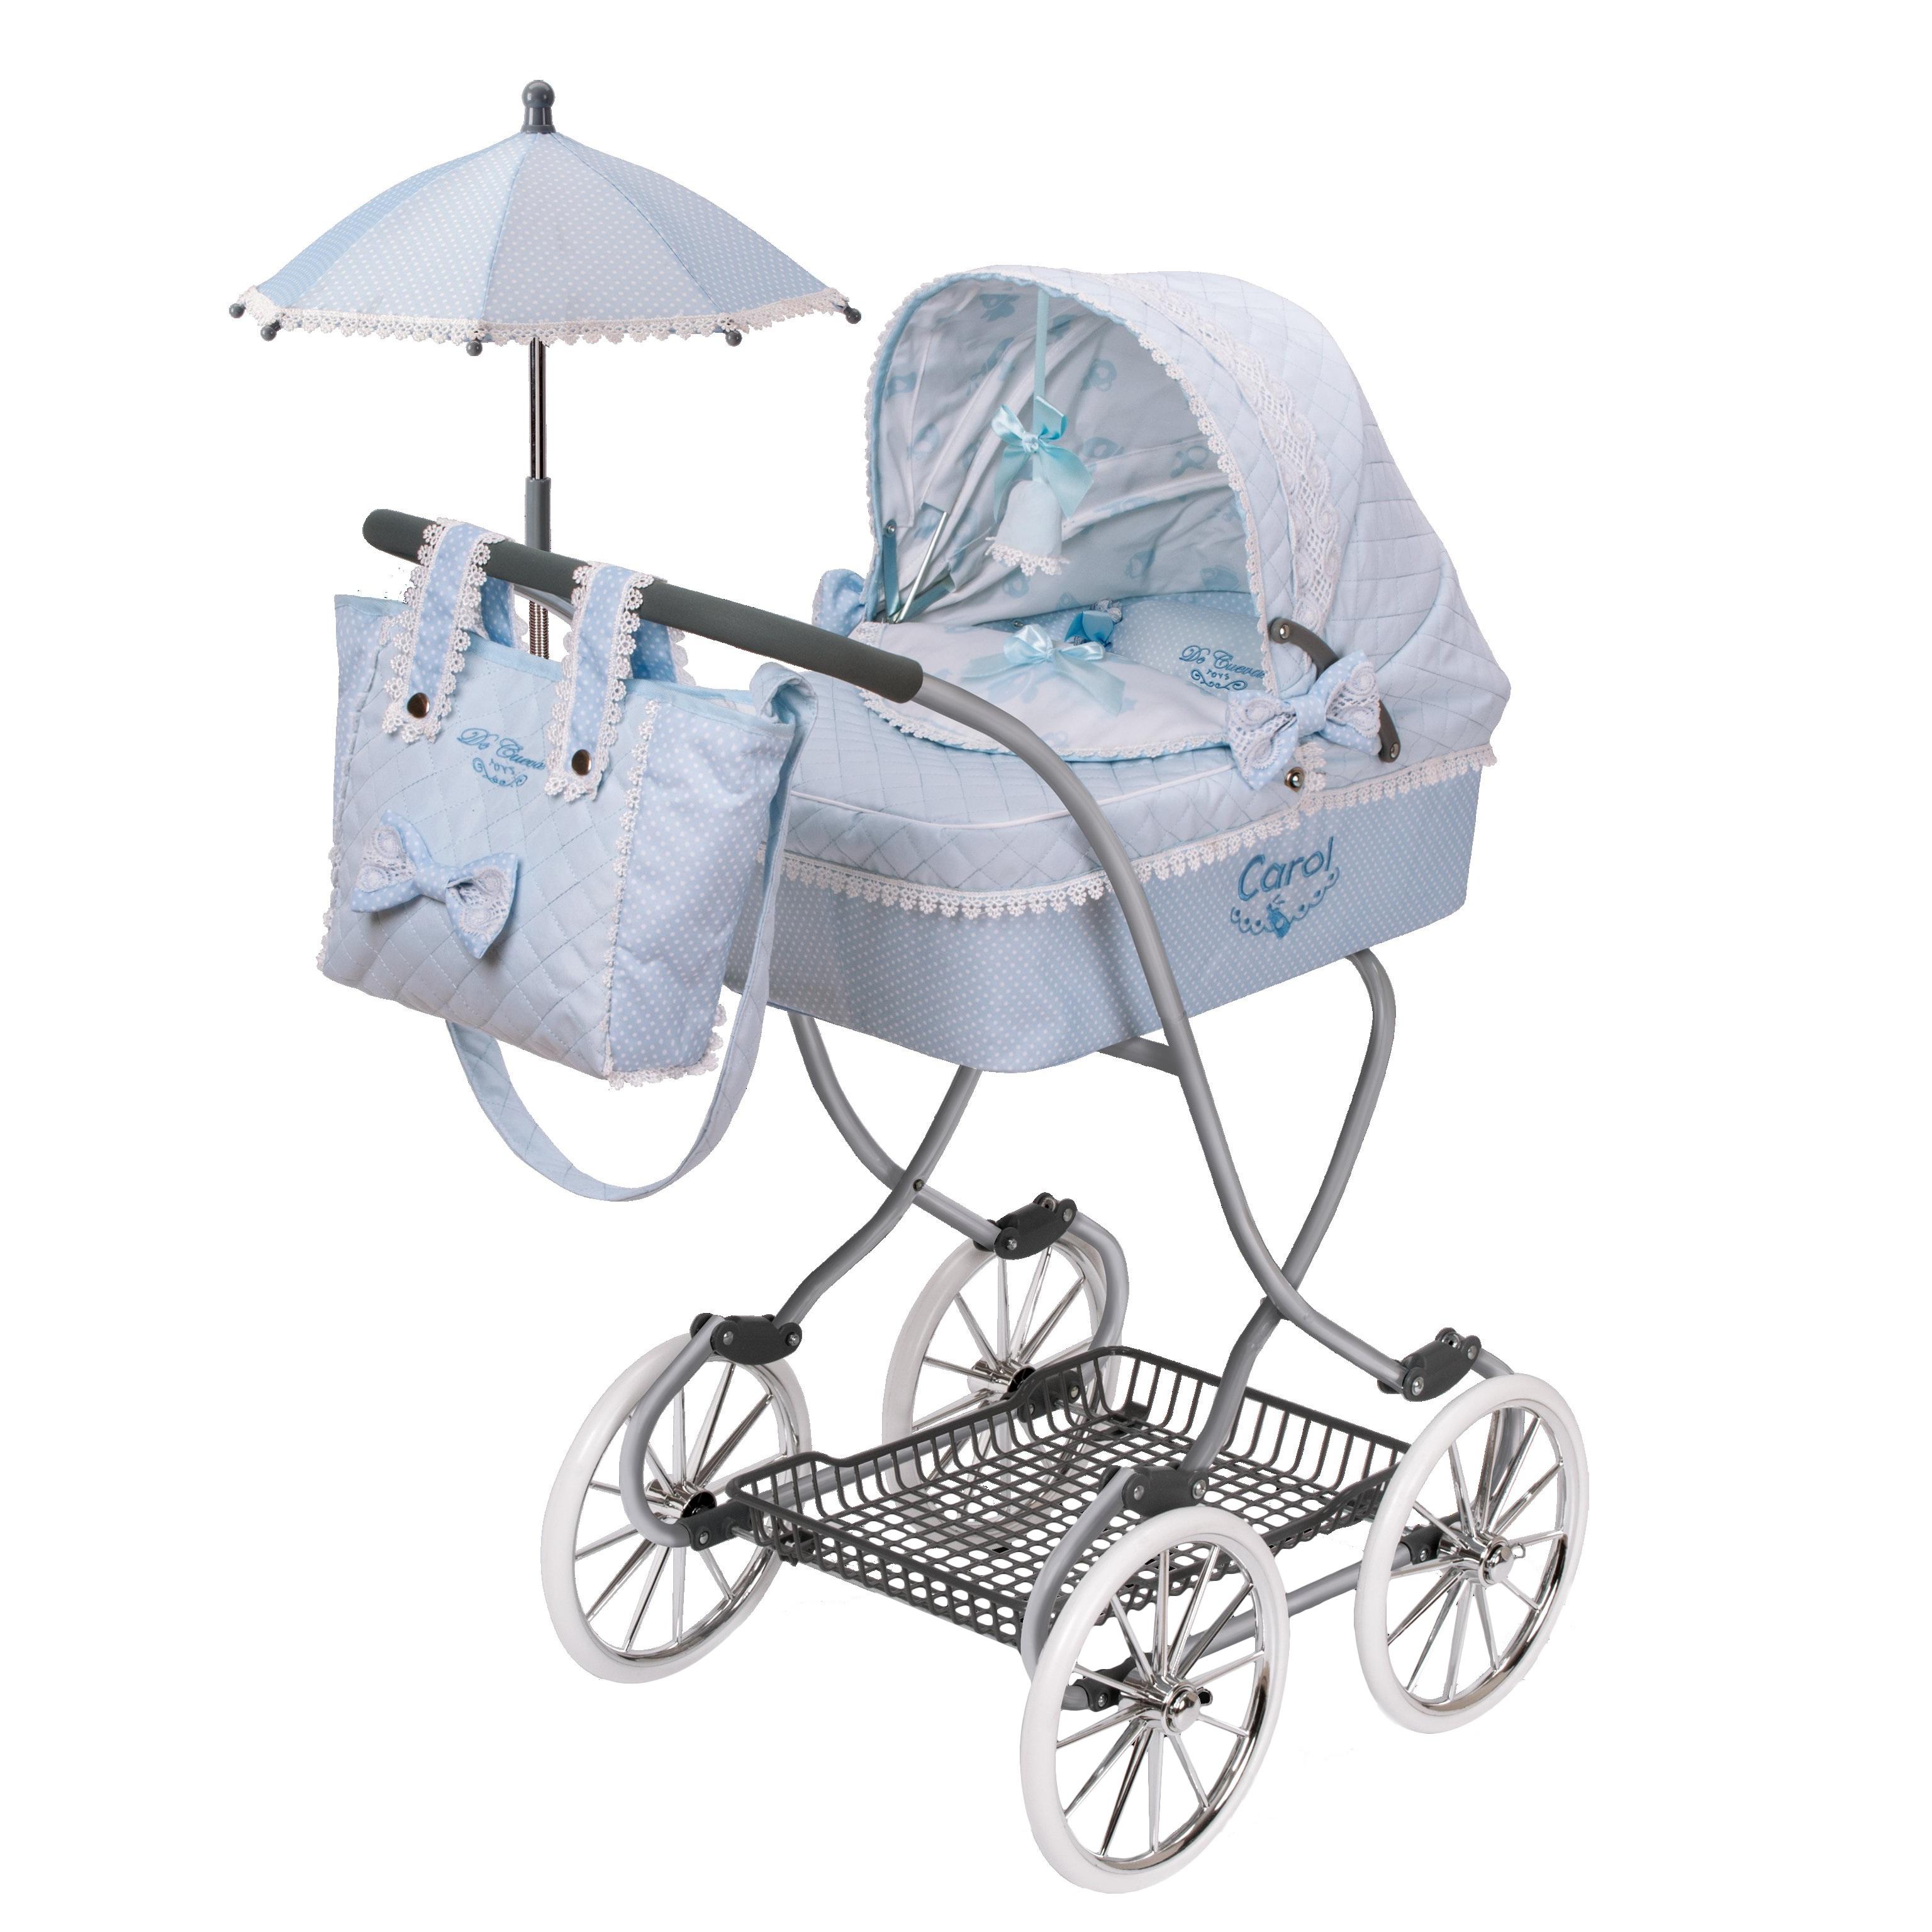 """Коляска """"Кэрол"""" с сумкой и зонтиком, 90 см"""